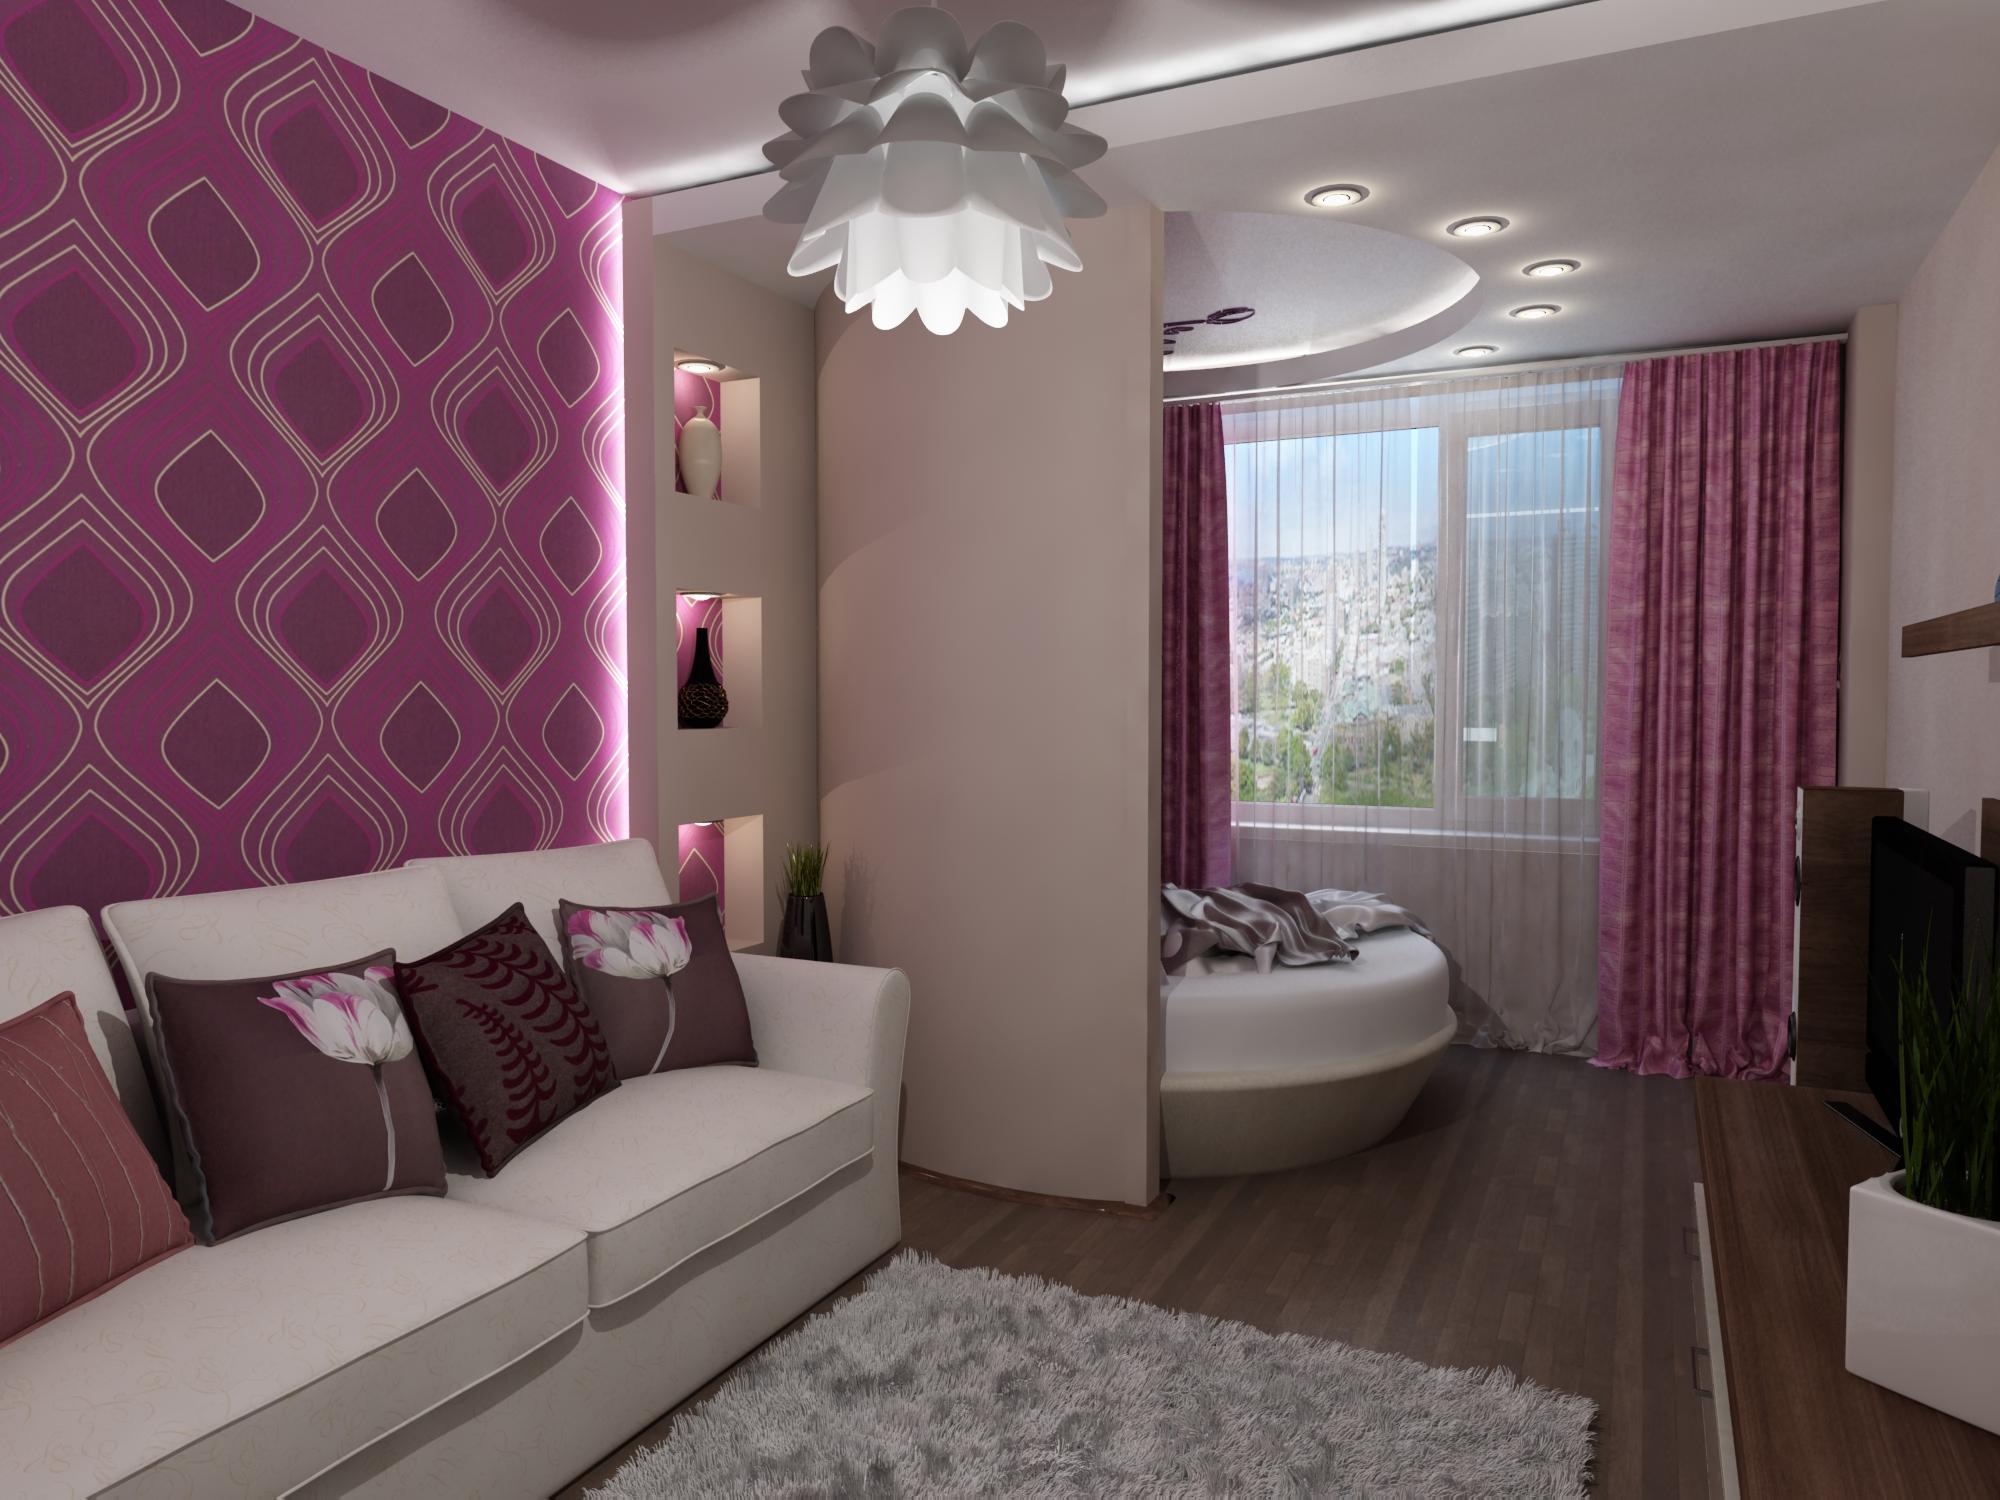 Дизайн гостиной-спальни - 80 фото вариантов совмещения интер.